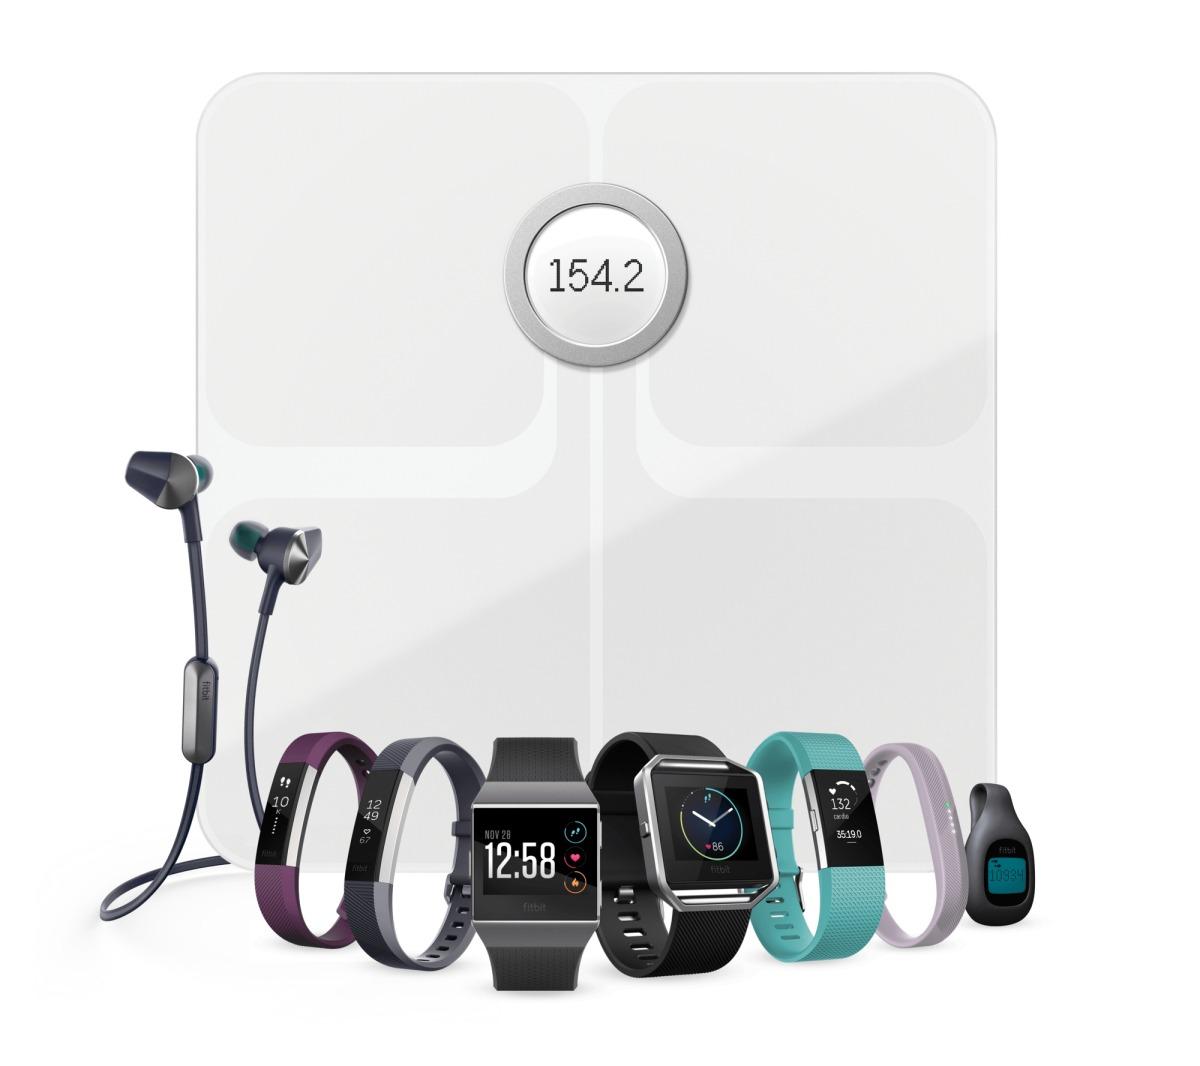 c3c1c8b9a Fitbit má nové hodinky, sluchátka a váhu